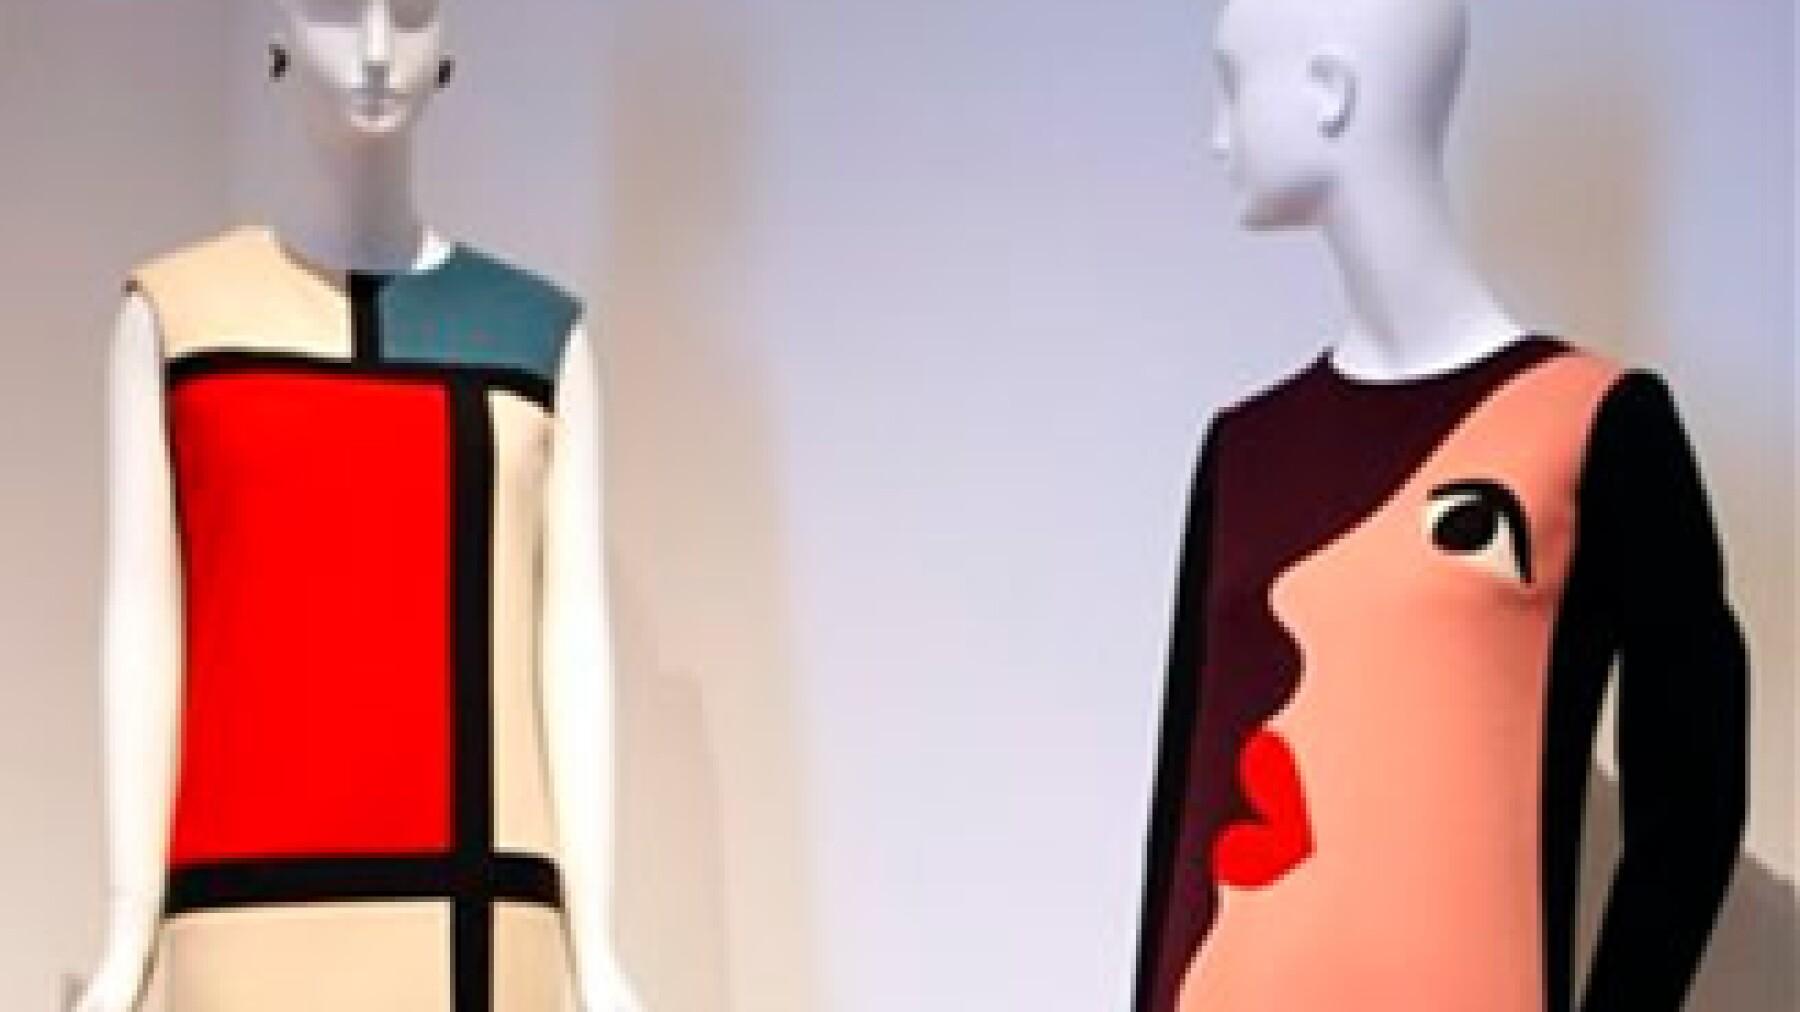 Los vestidos que lo convirtieron en un icono de la moda, forman parte de la gran muestra retrospectiva sobre el modisto Yves Saint Laurent en París. (Foto: AP)